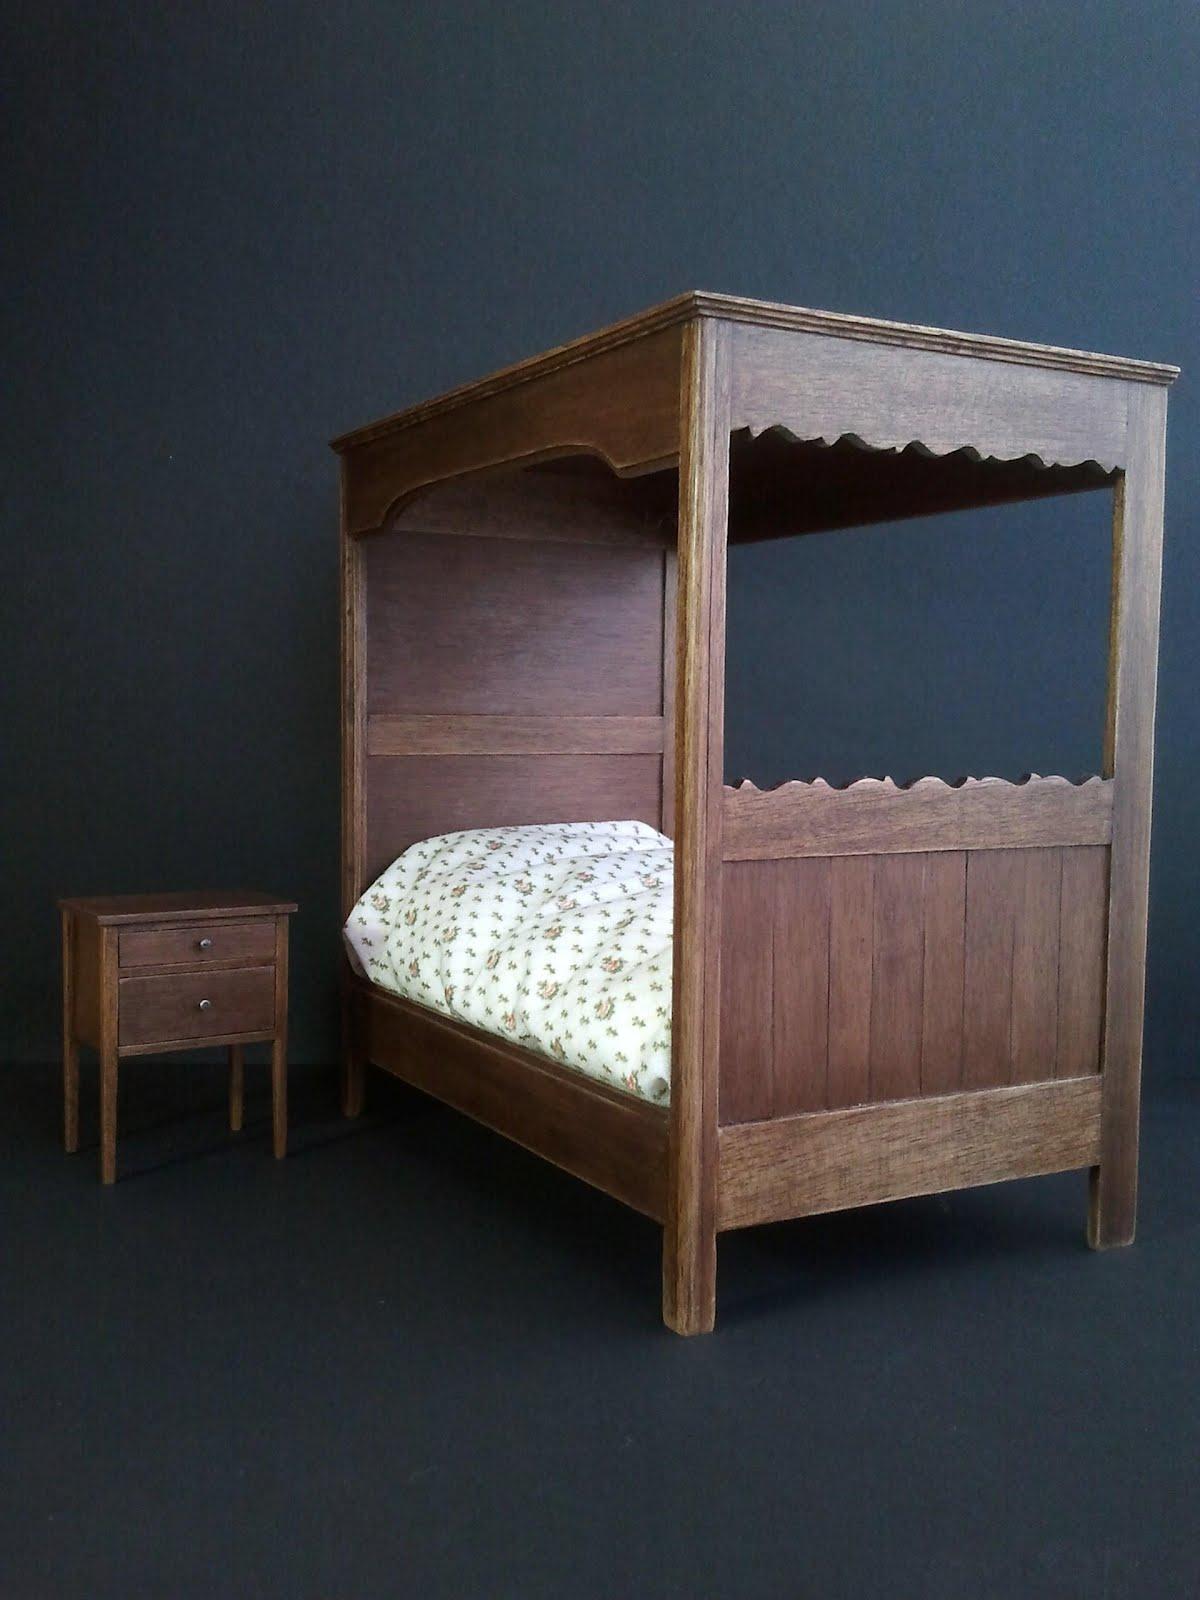 Muebles en miniatura miniature furniture mueble para - Mueble de dormitorio ...